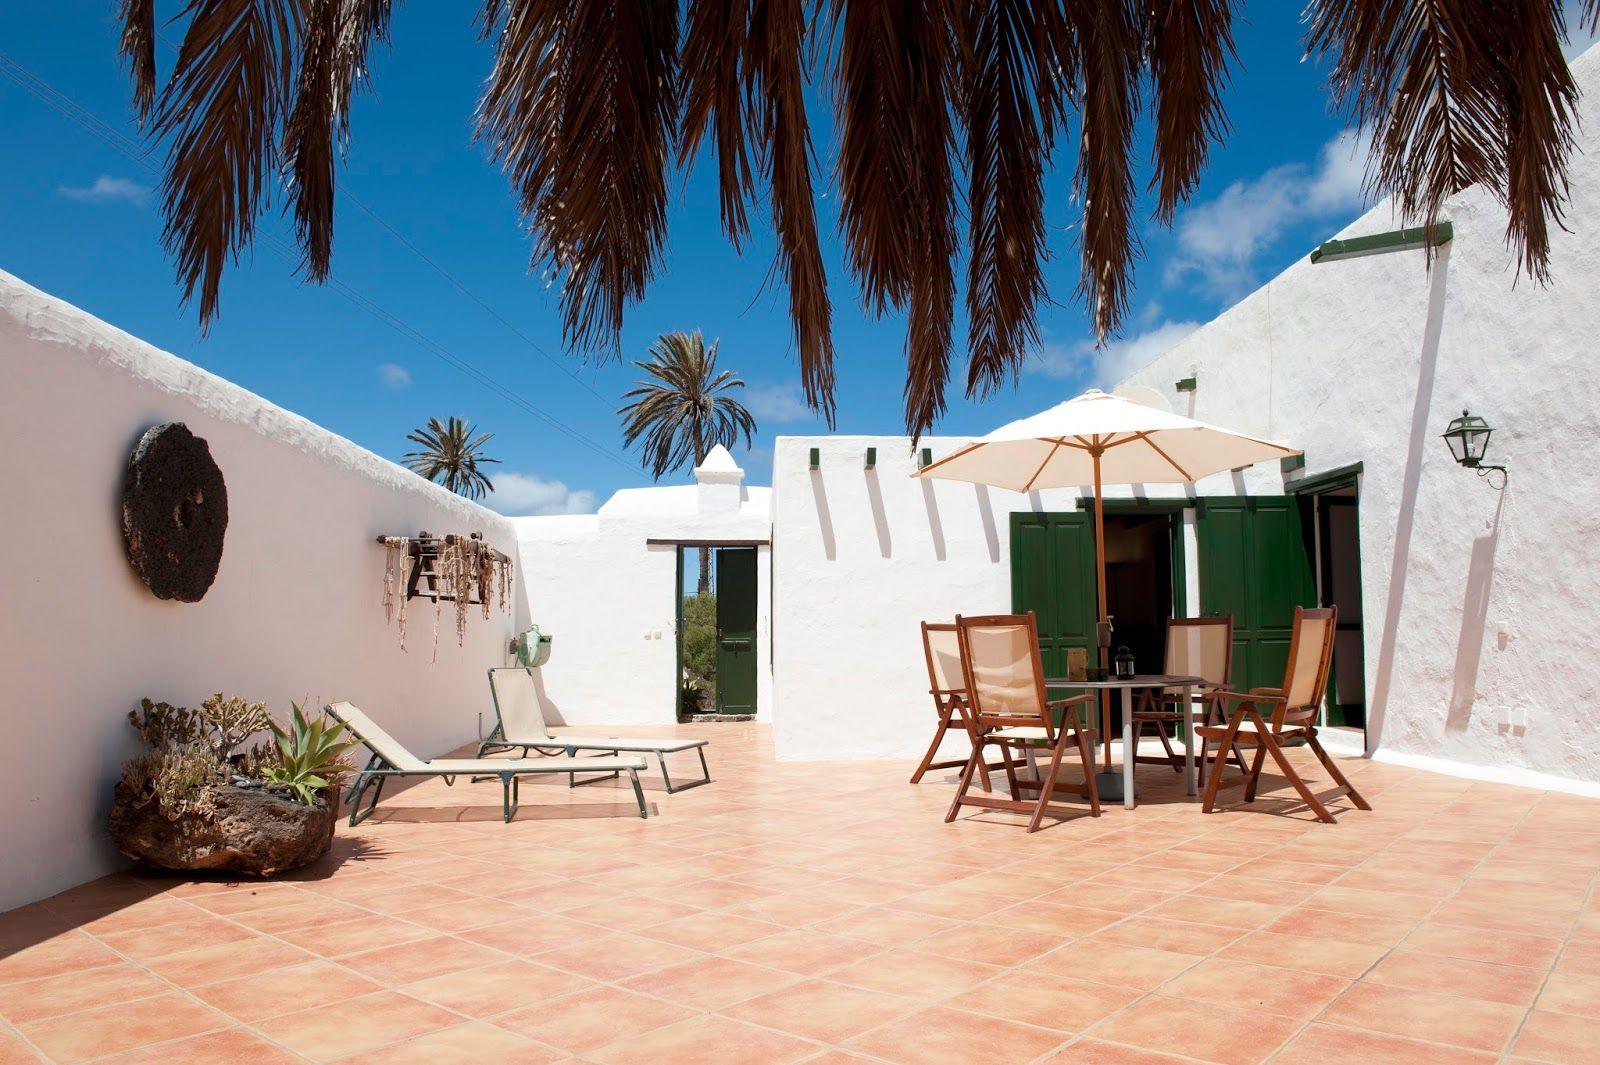 Ferienhaus Casa Friedel Fotos, Bewertungen, einer Karte